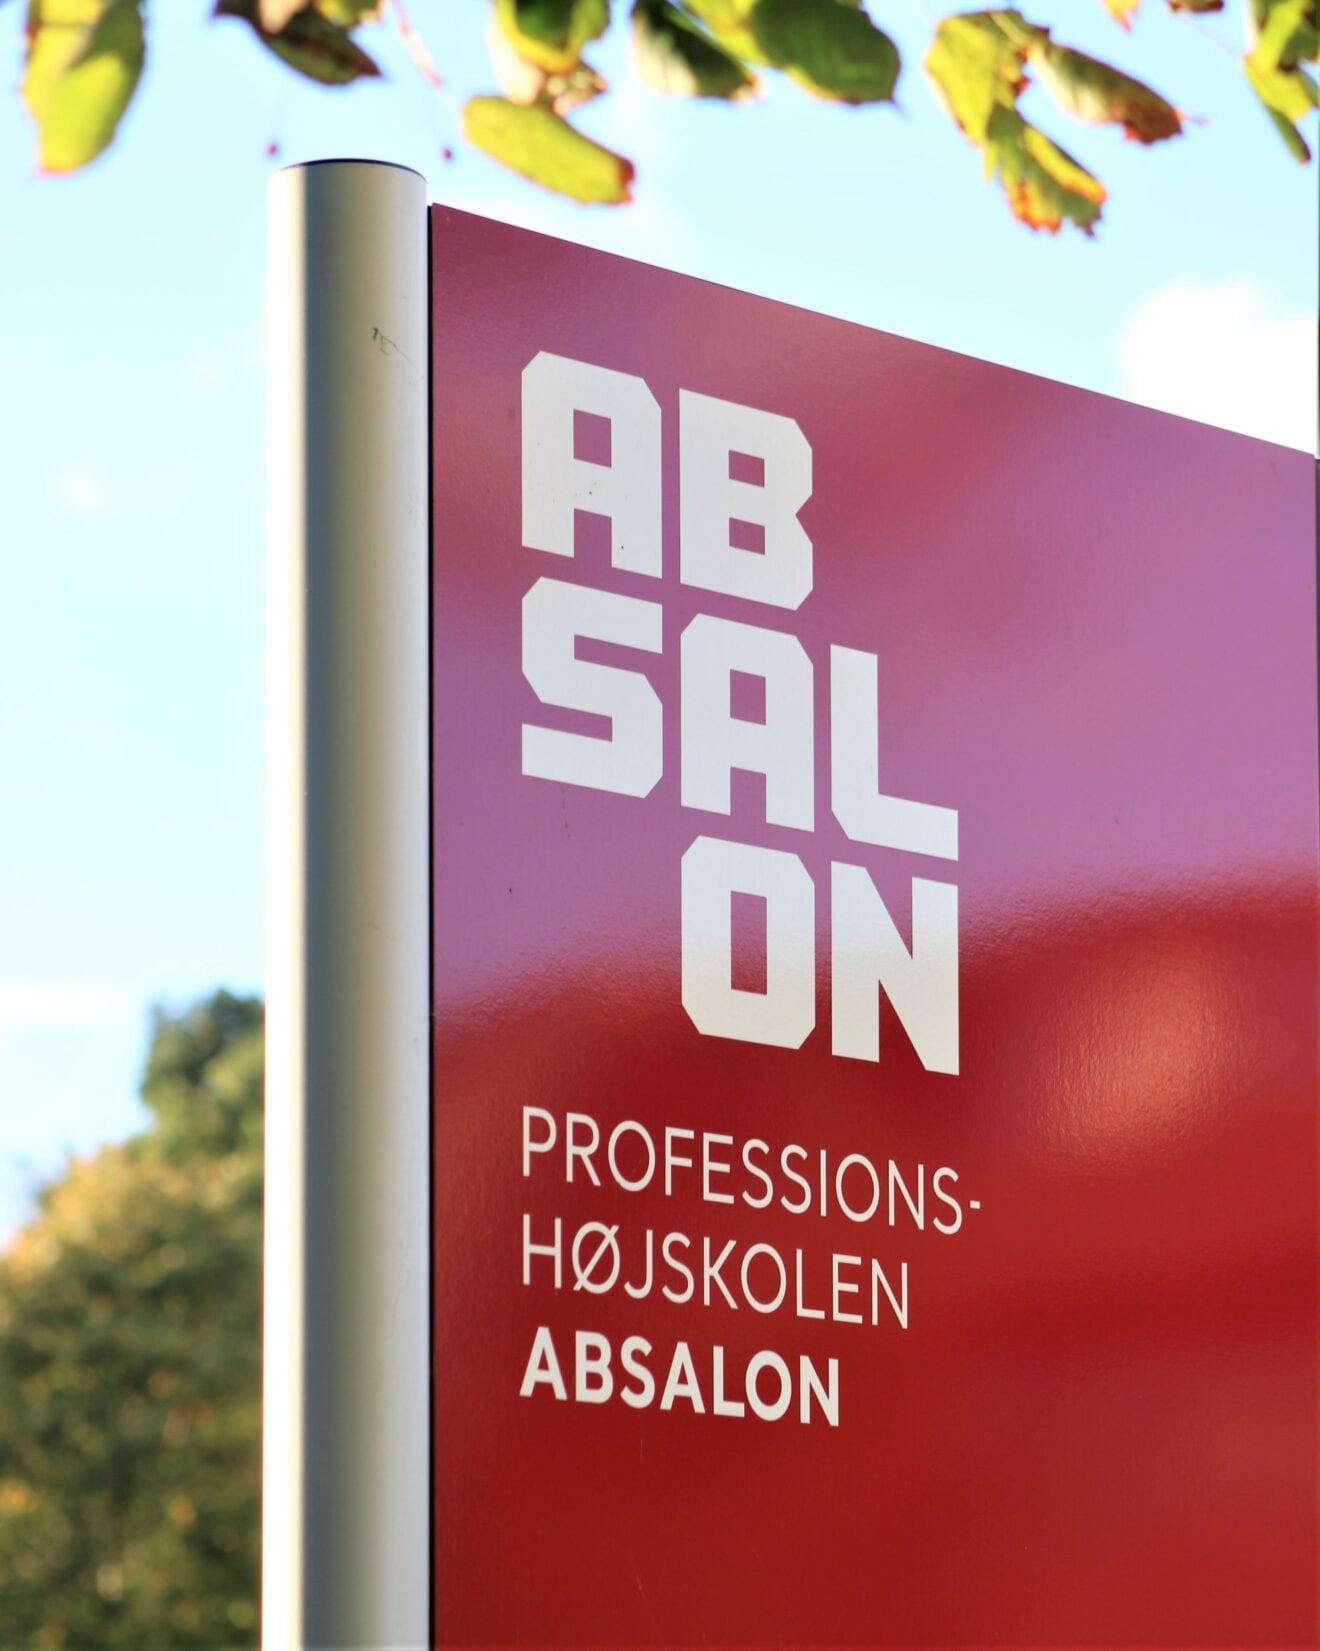 Absalon omlægger til online undervisning på alle otte campusser